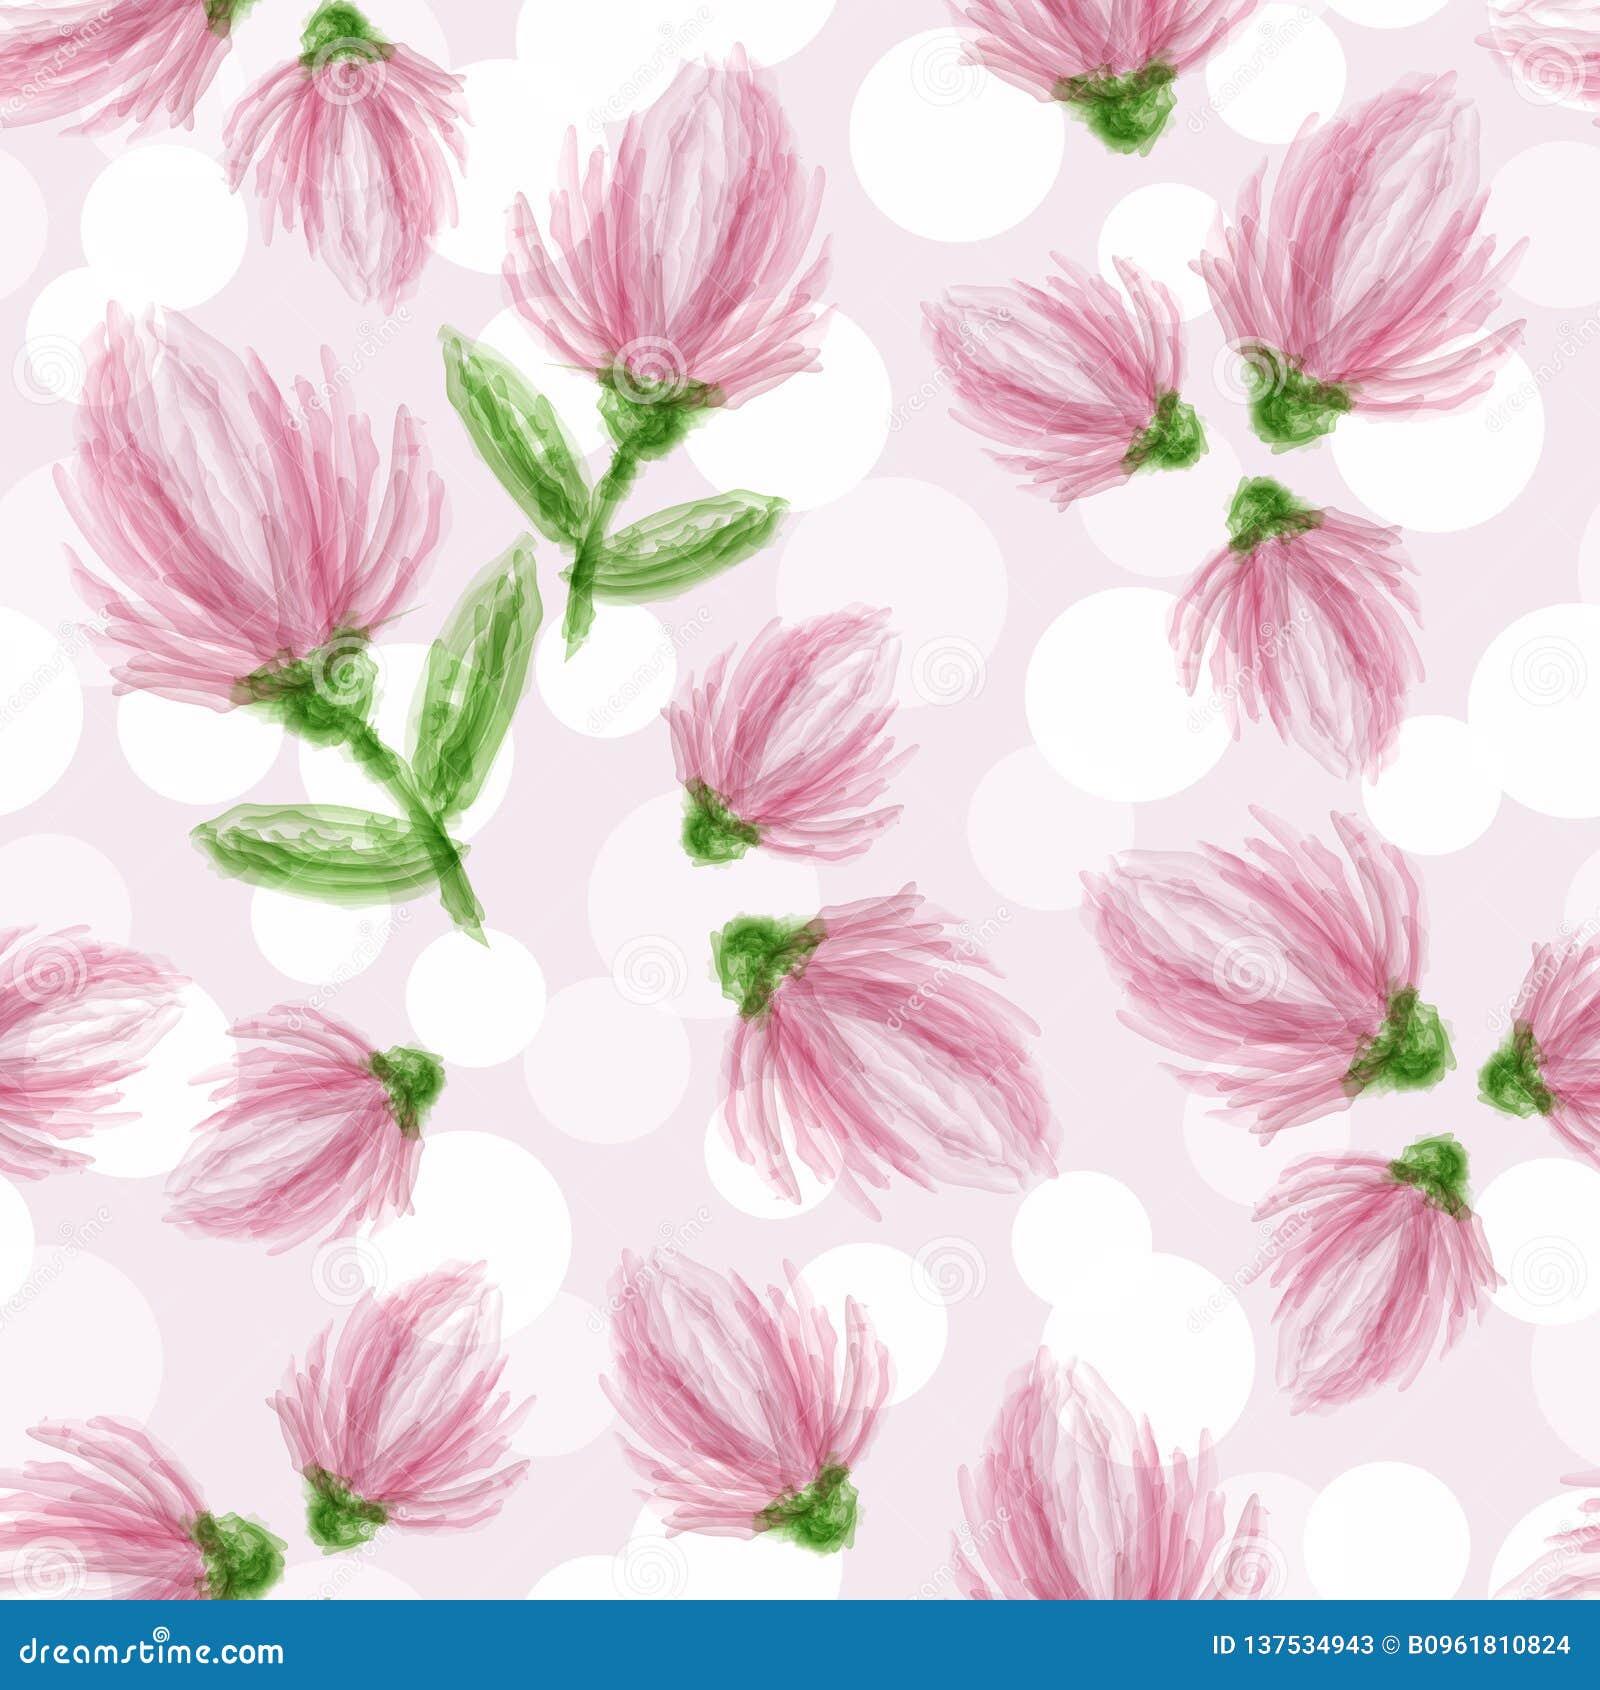 Flores Delicadas Em Um Fundo Claro Teste Padrao Sem Emenda